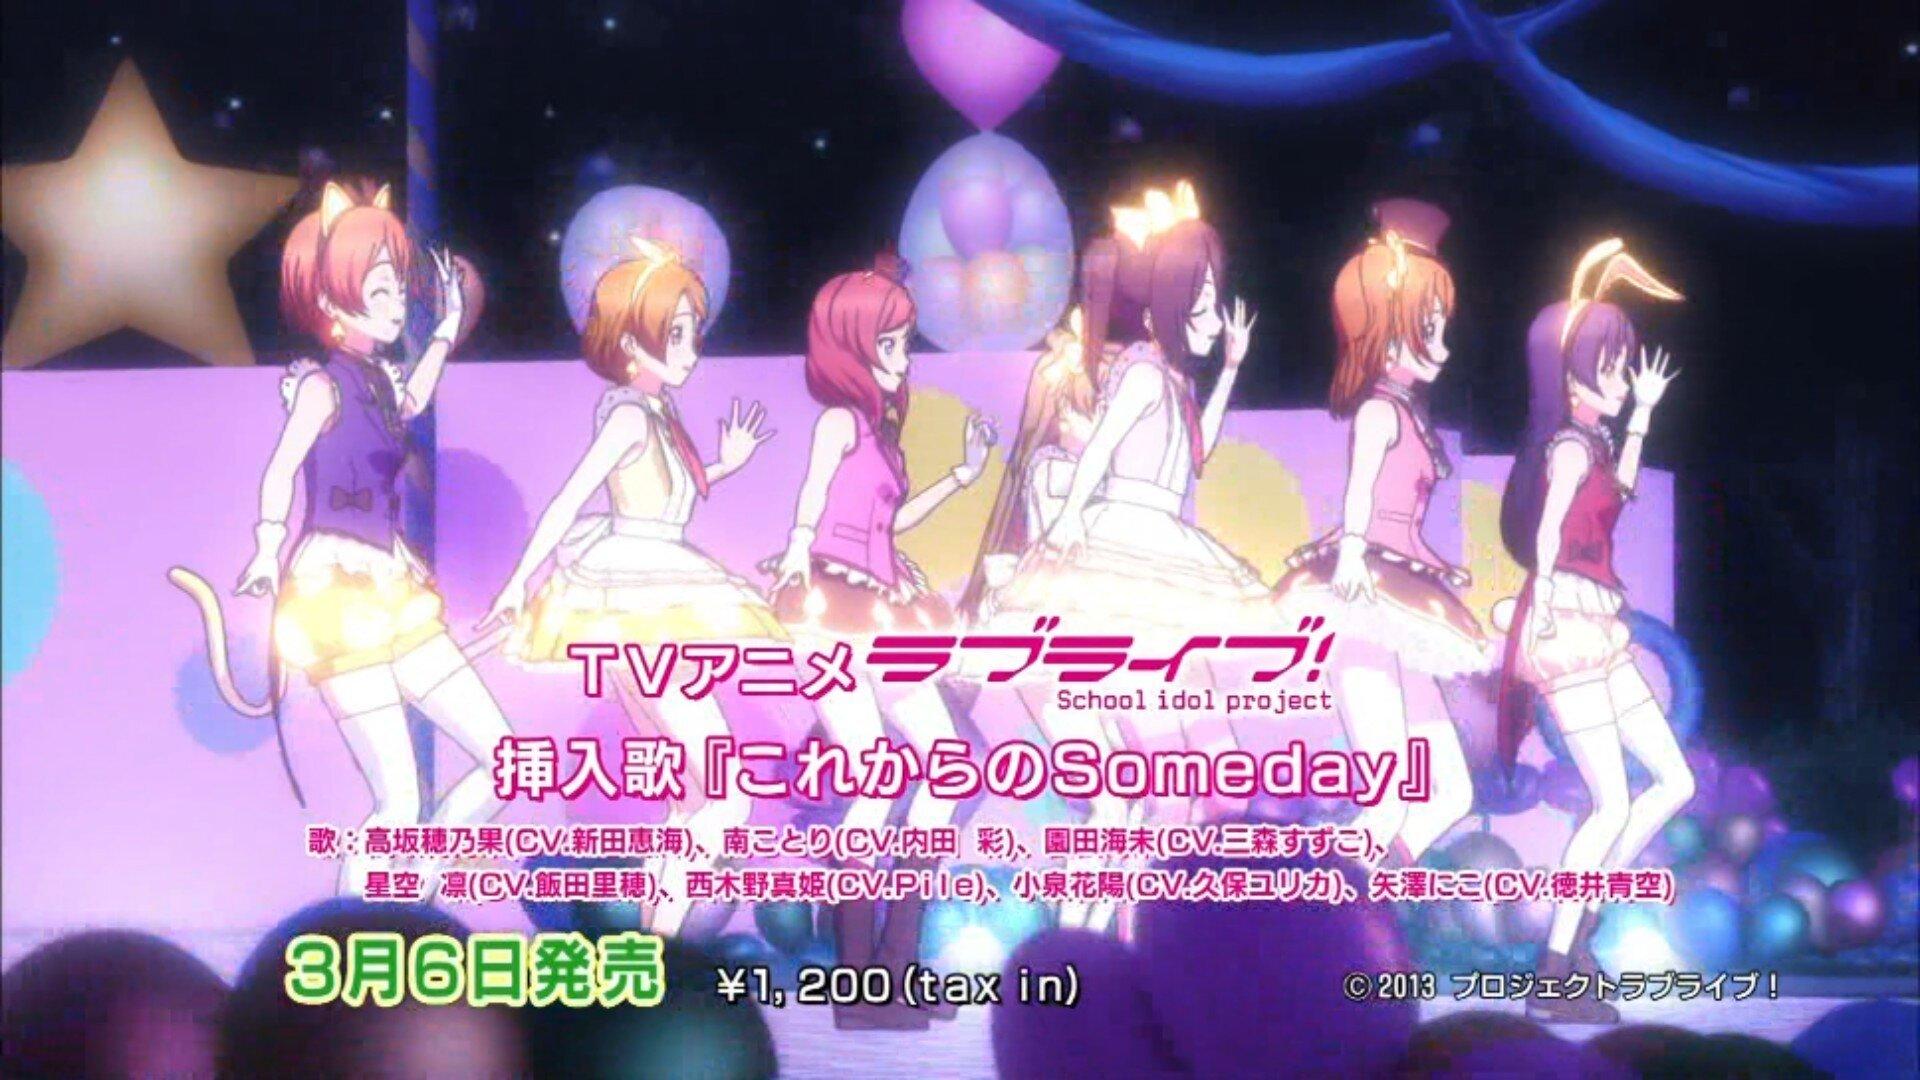 さっそくCM入りw #lovelive_Anime #lovelive http://t.co/uTtciaPc